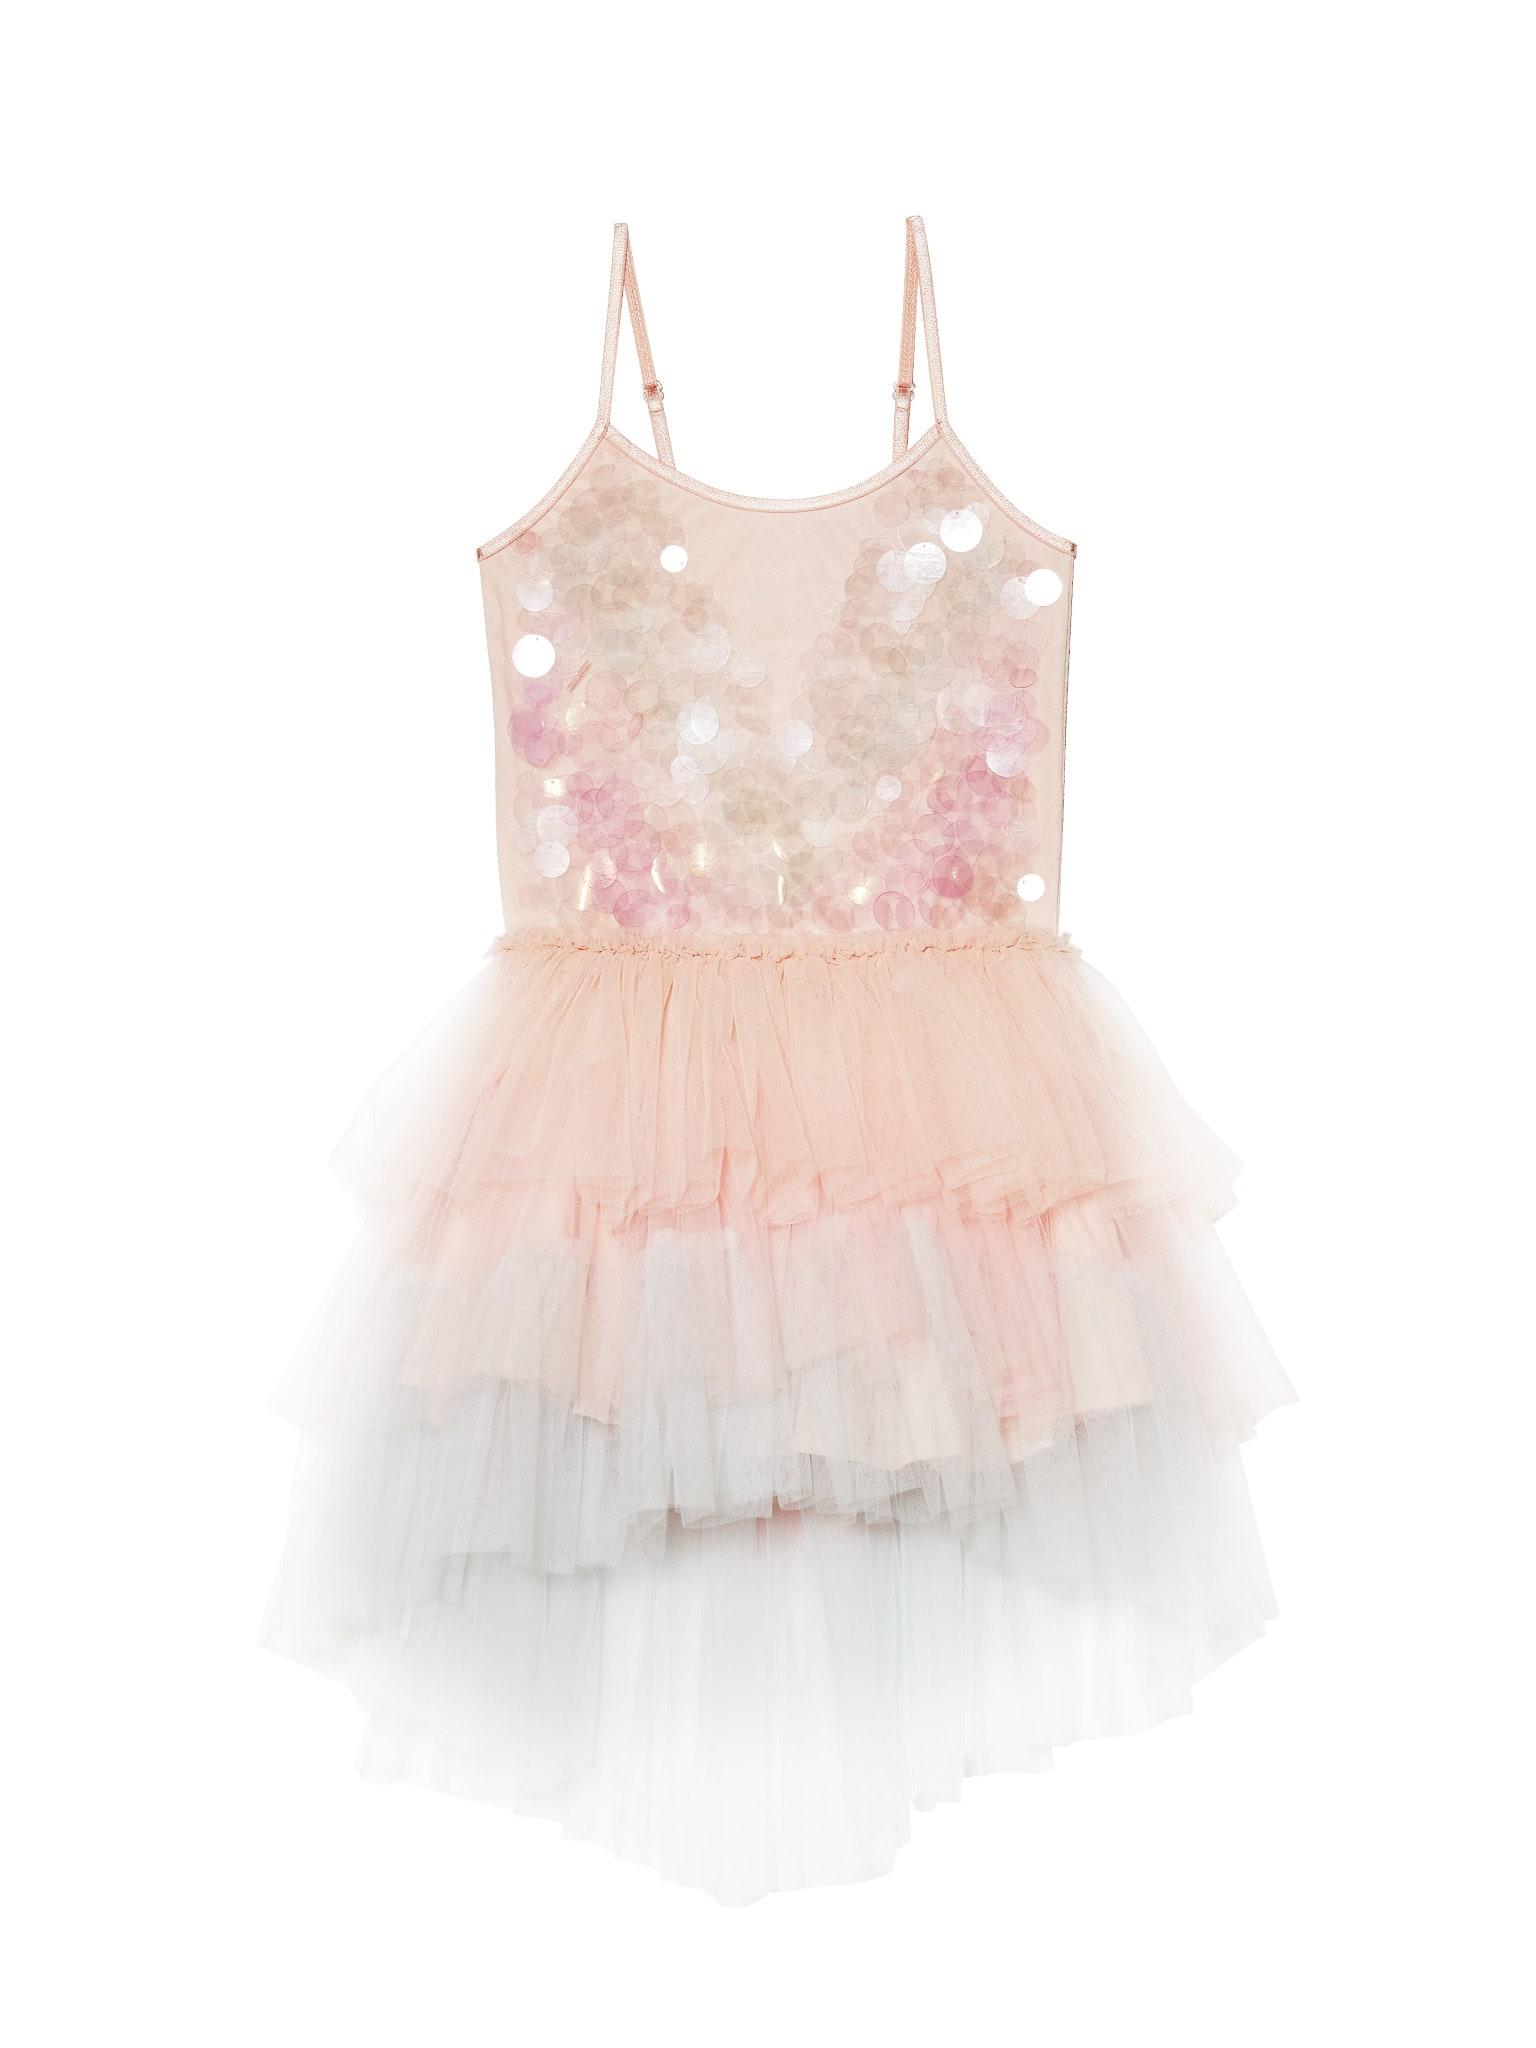 Tdm4203 pearlescent dreams tutu dress 01 min